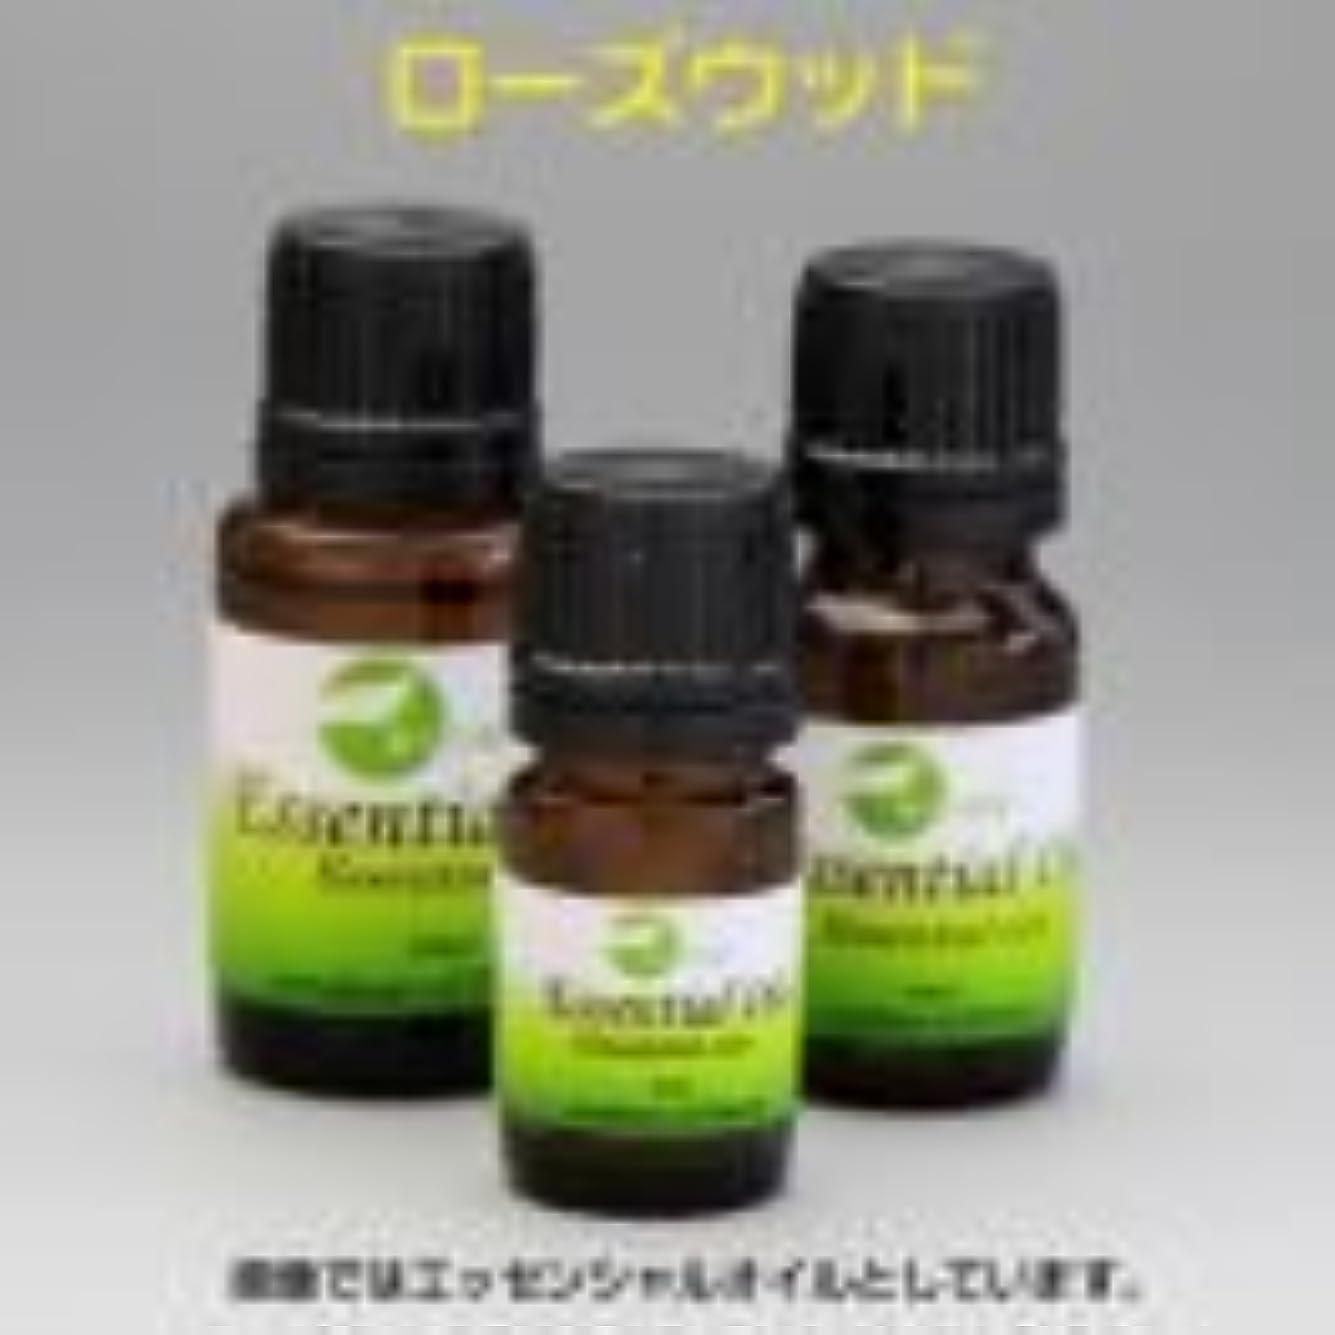 虫トランジスタレジデンス[エッセンシャルオイル] ウッディーでフローラルなローズ様の香り ローズウッド 5ml